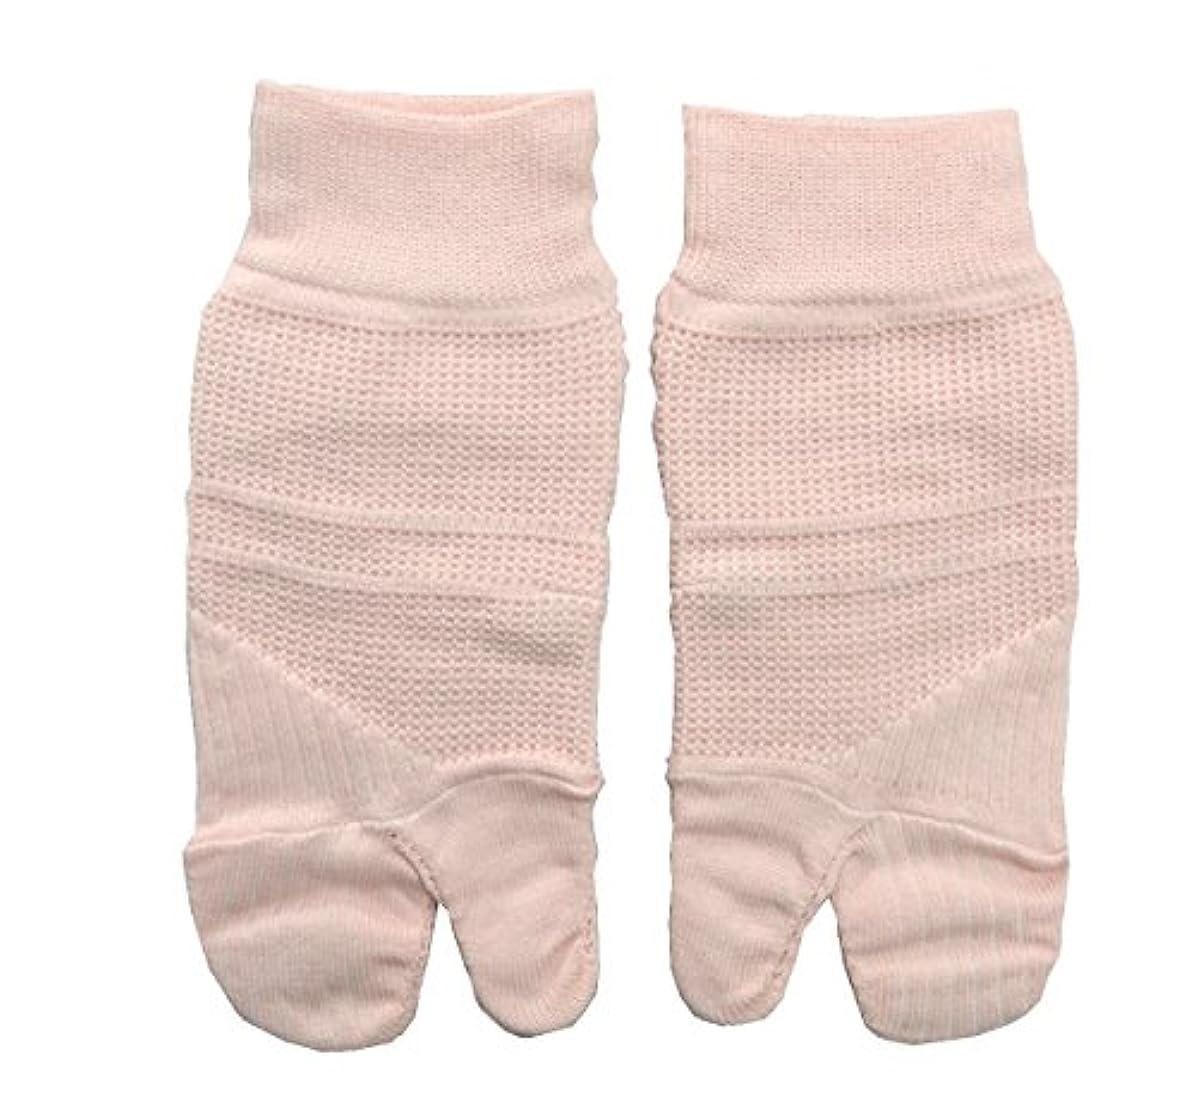 文明教育する道外反母趾対策靴下(通常タイプ) コーポレーションパールスター?広島大学大学院特許製品